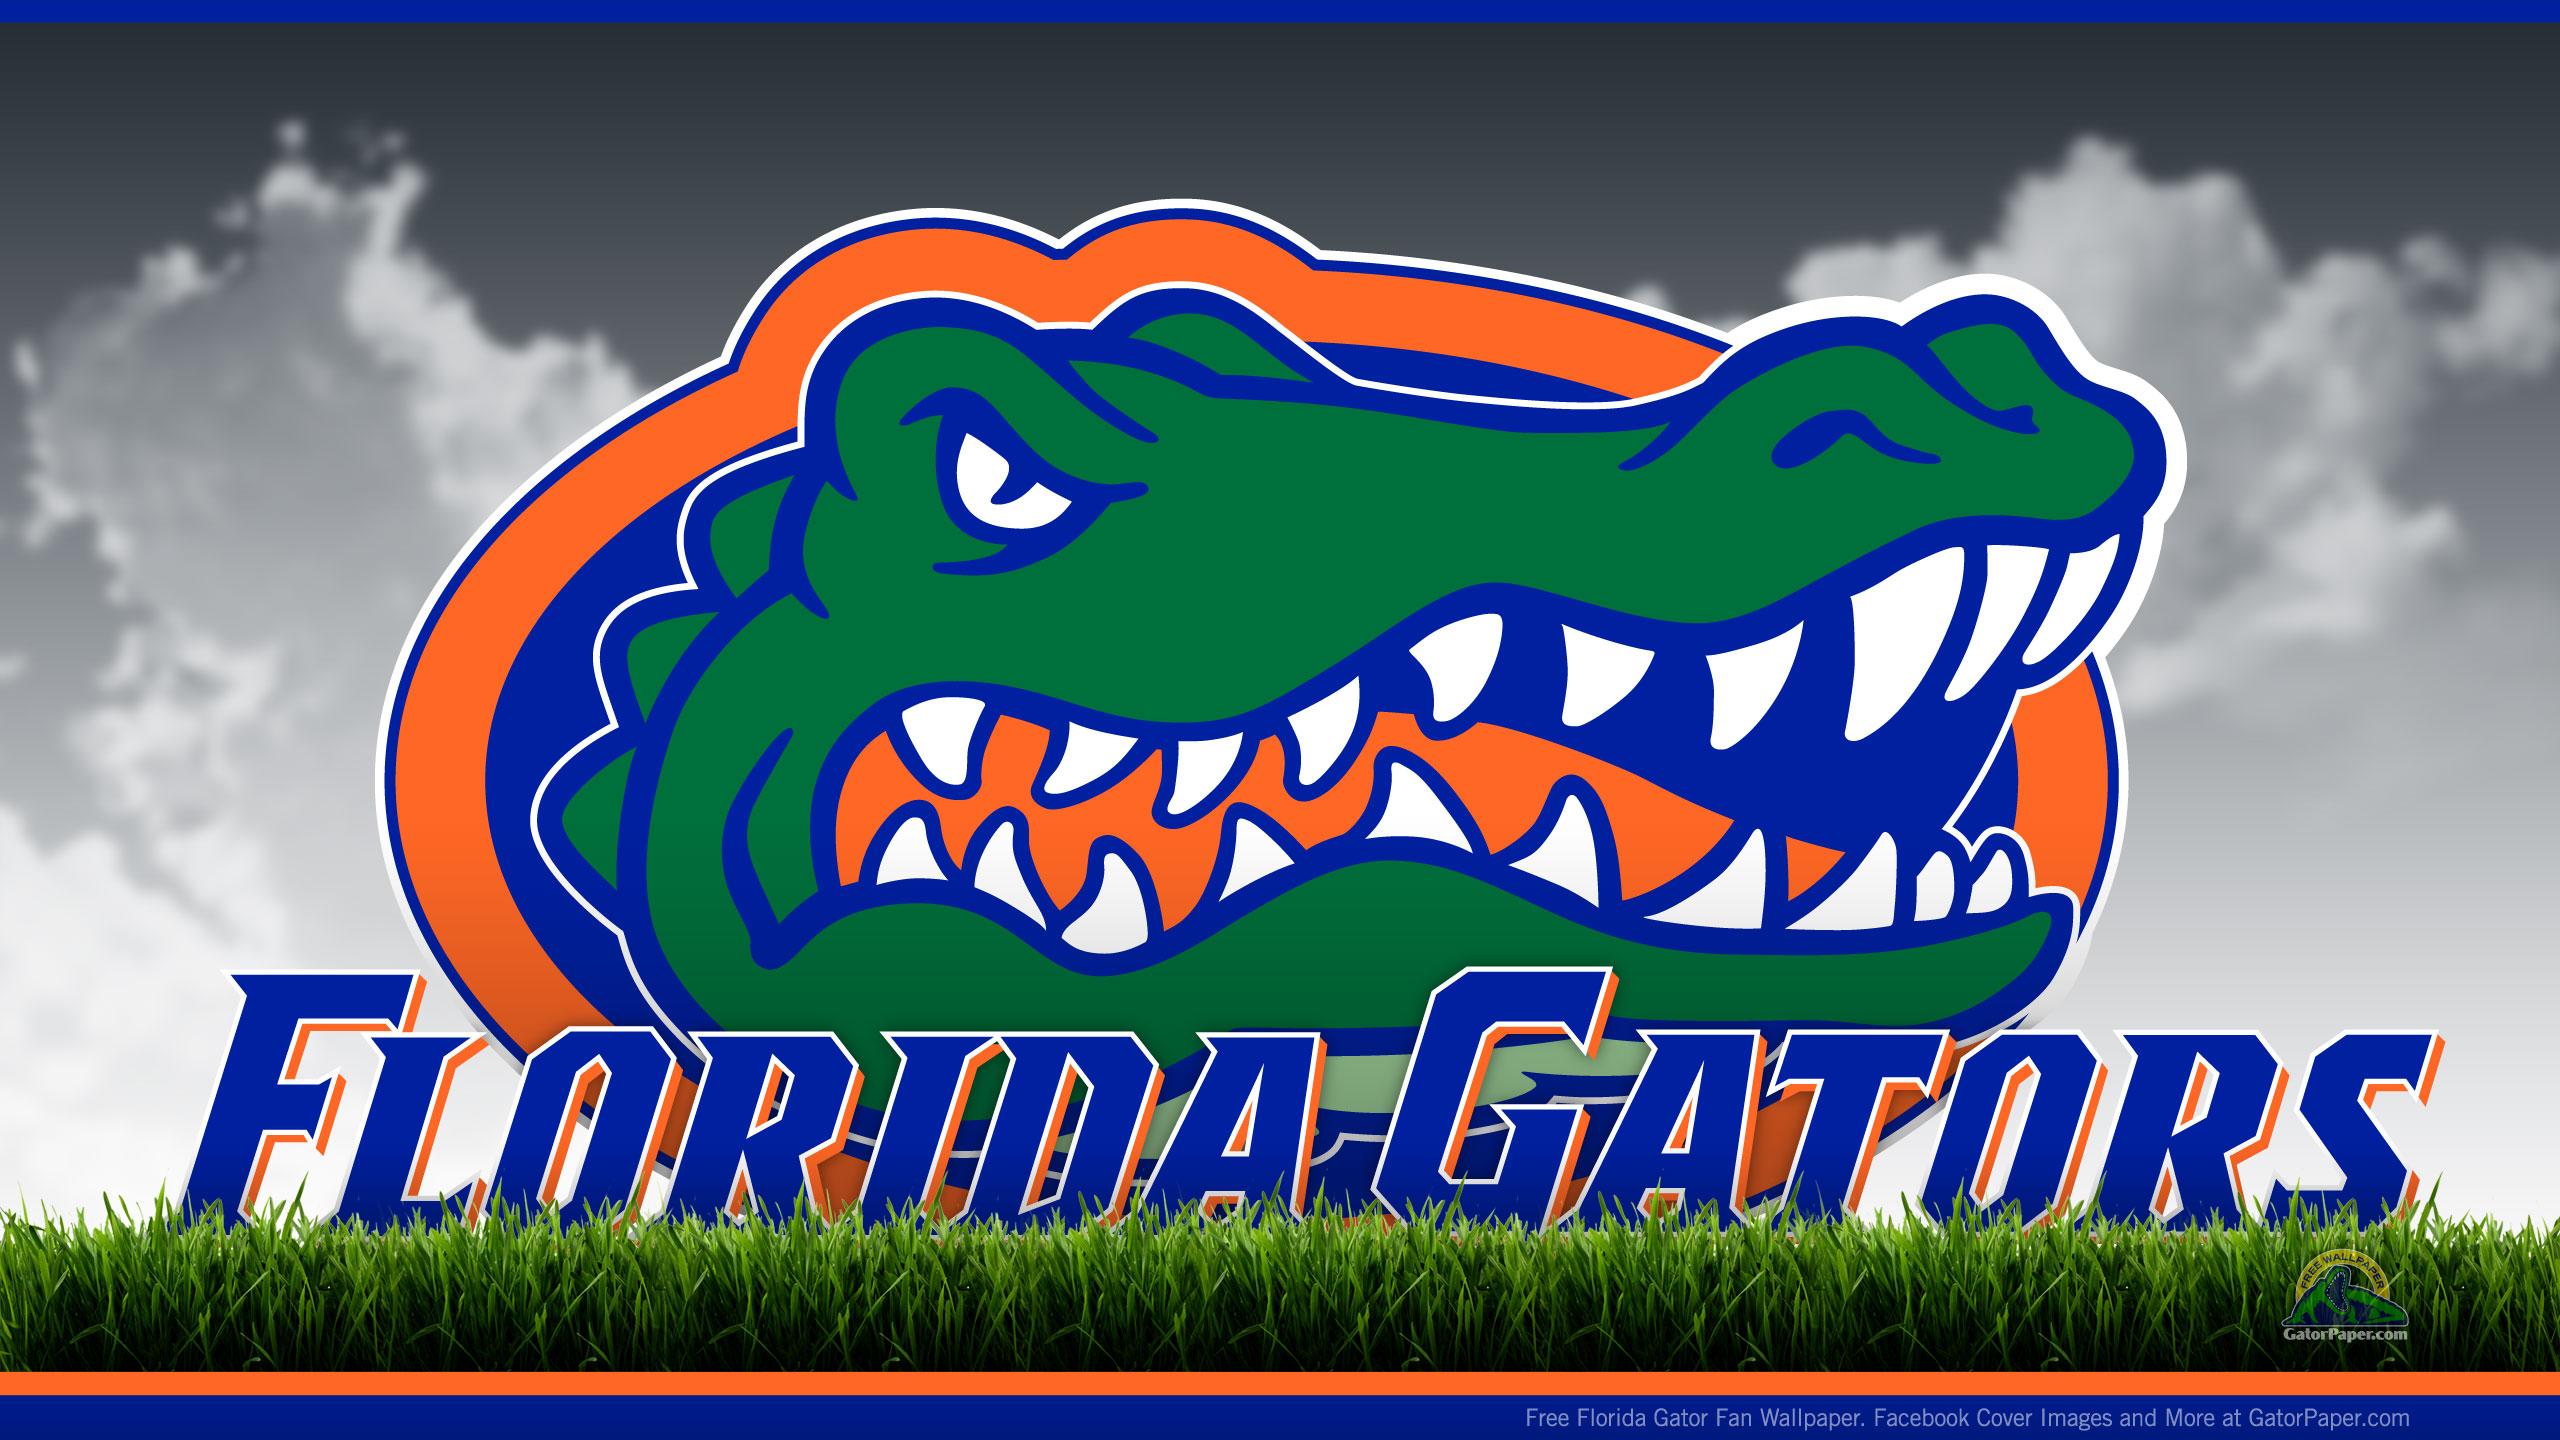 Florida Gators Field View 2560x1440